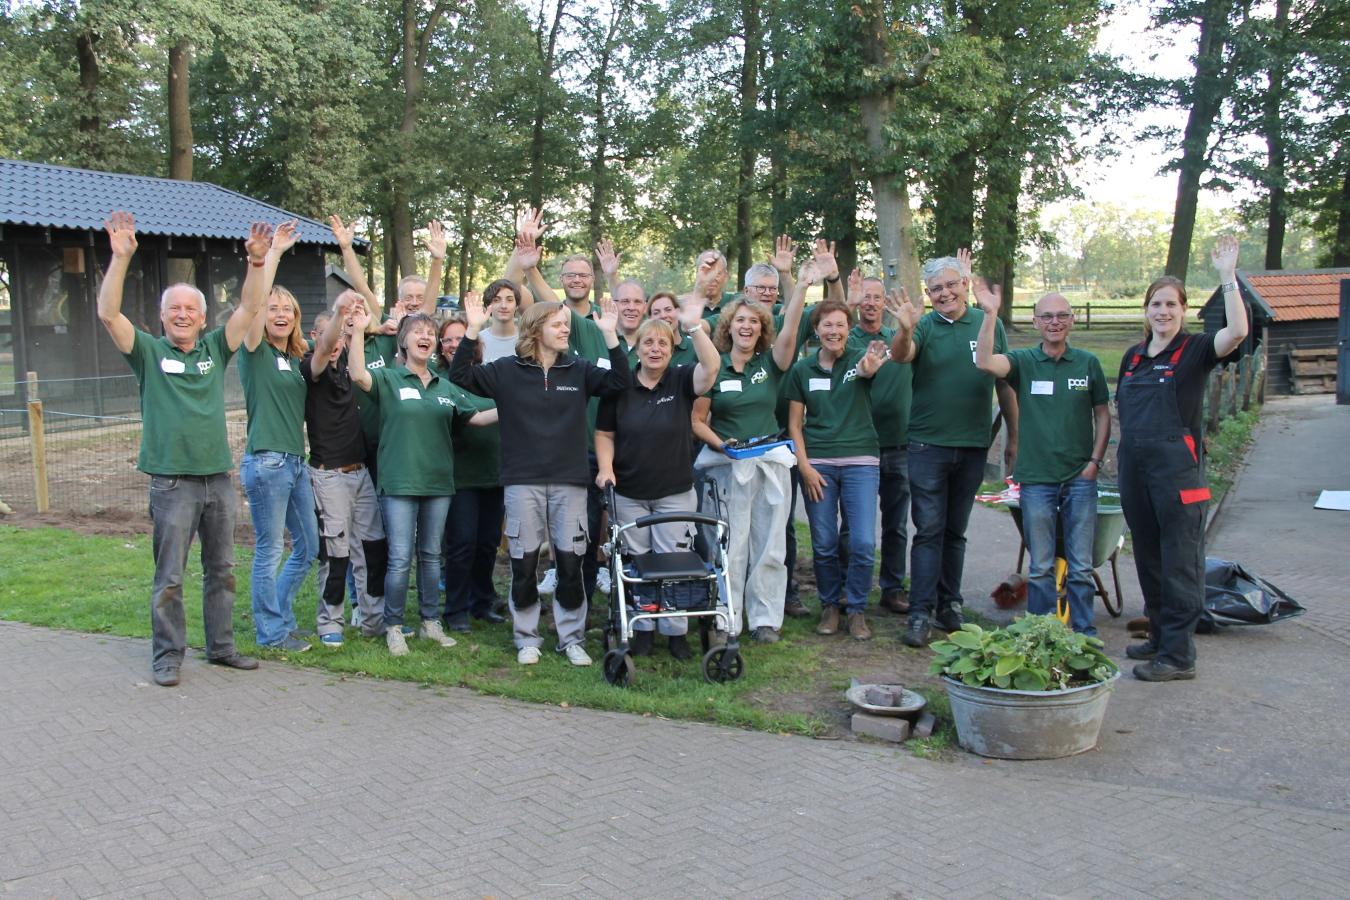 Teamfoto van de harde werkers op de Doe-dag van Pool Management & Organisatie in september 2018